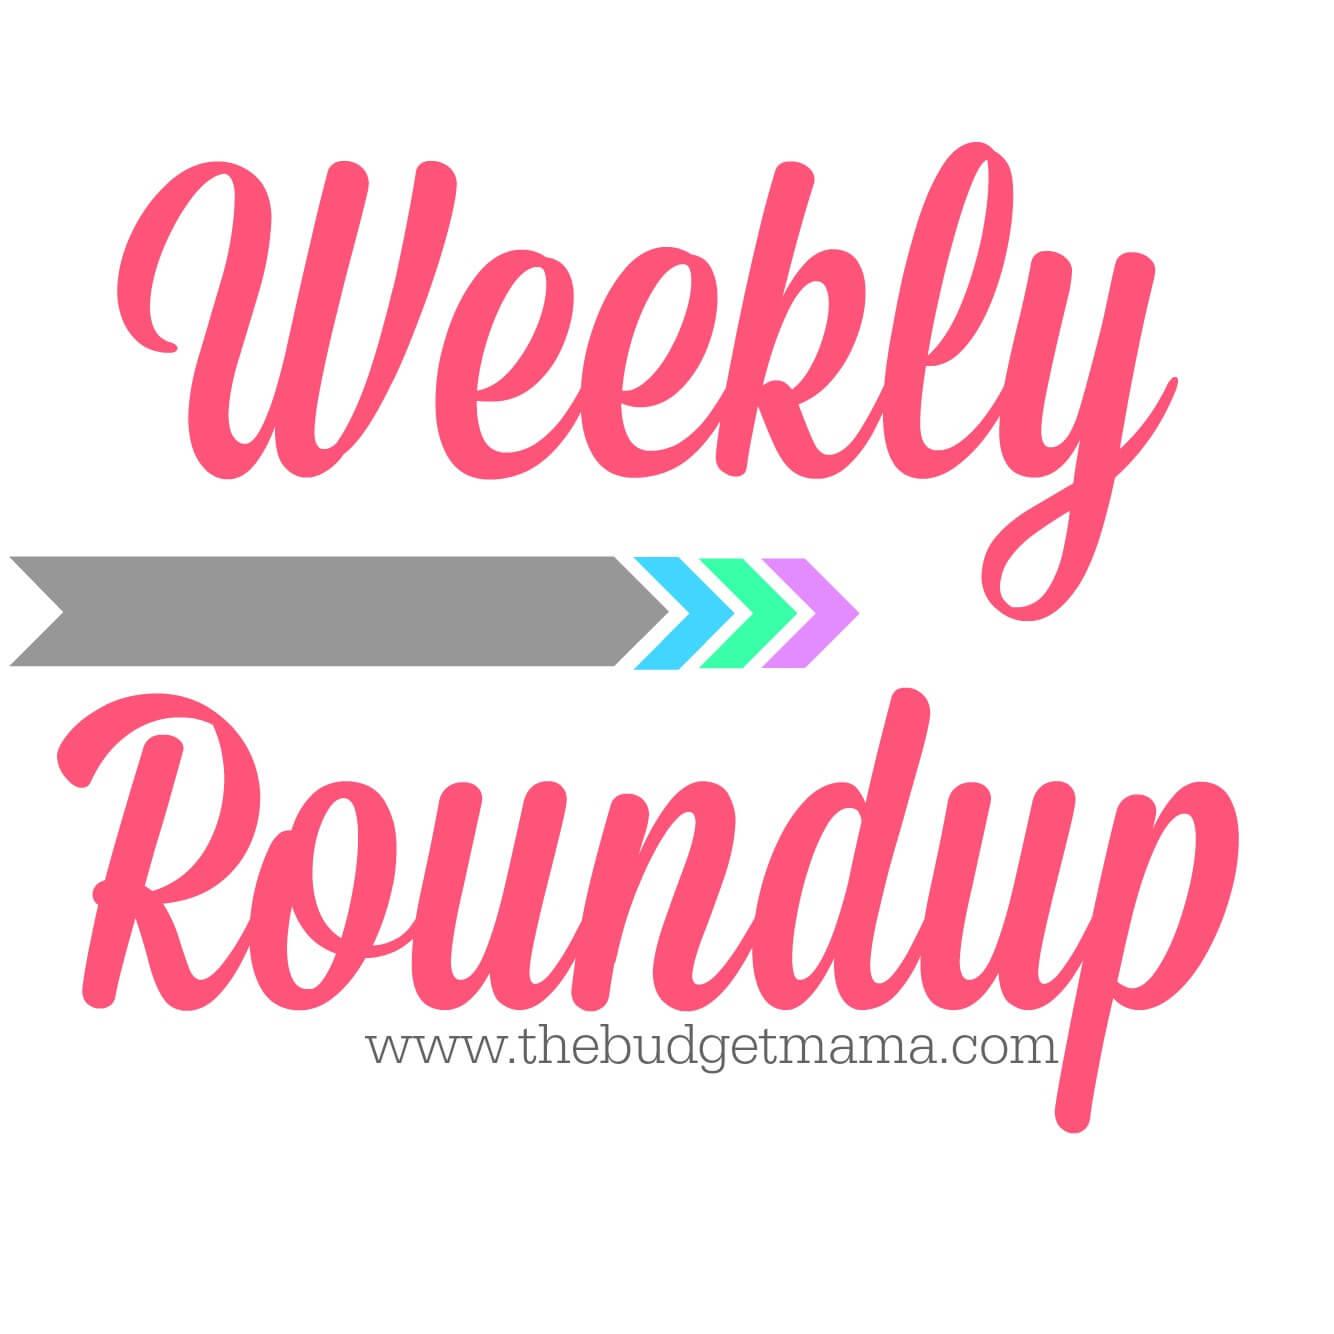 Weekly Roundup – May 4th – May 11th